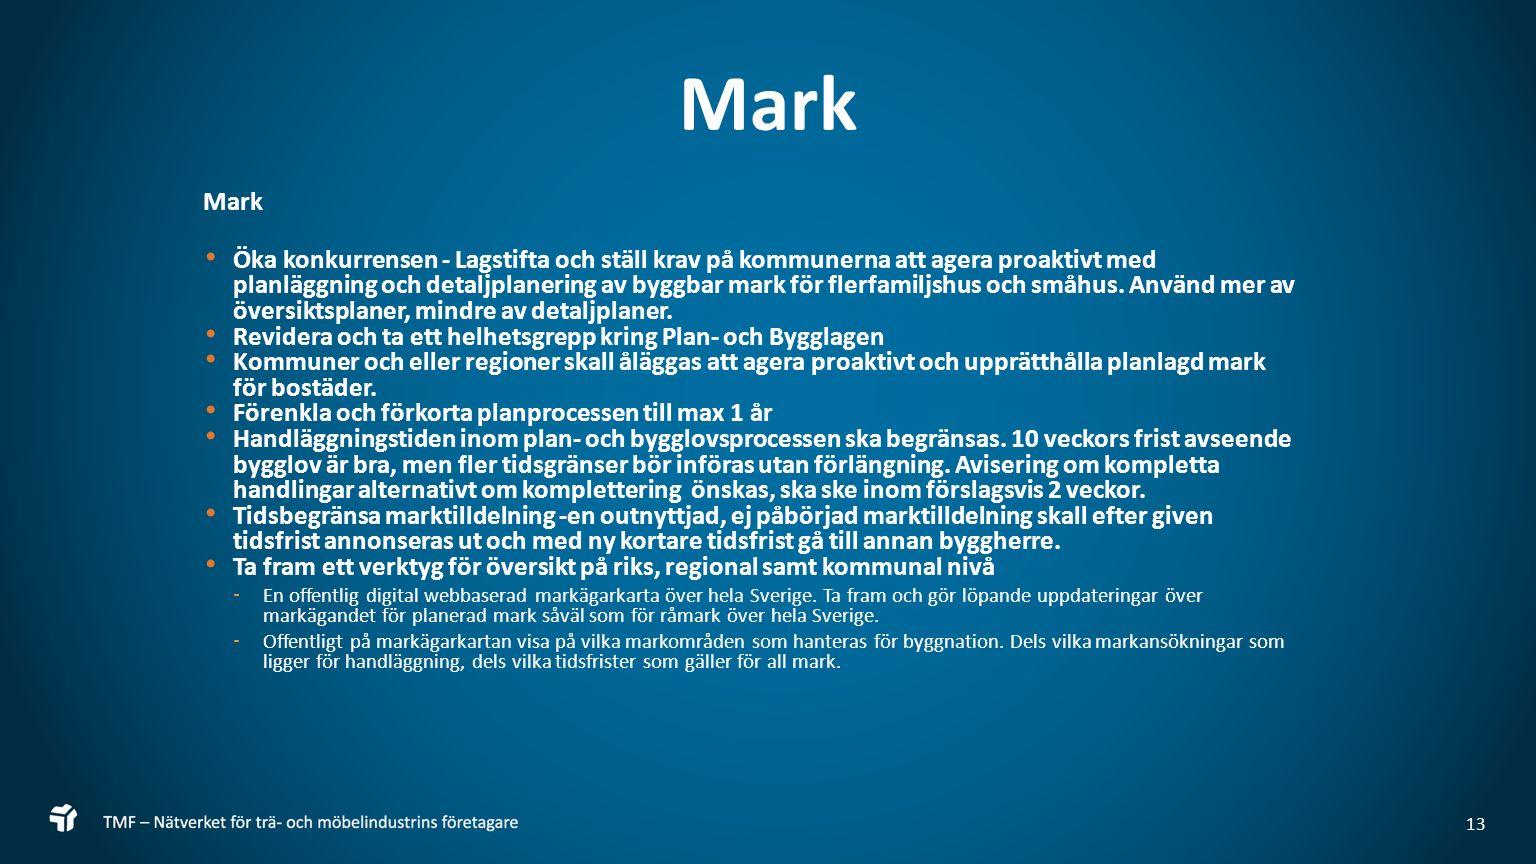 Mark Öka konkurrensen - Lagstifta och ställ krav på kommunerna att agera proaktivt med planläggning och detaljplanering av byggbar mark för flerfamiljshus och småhus.